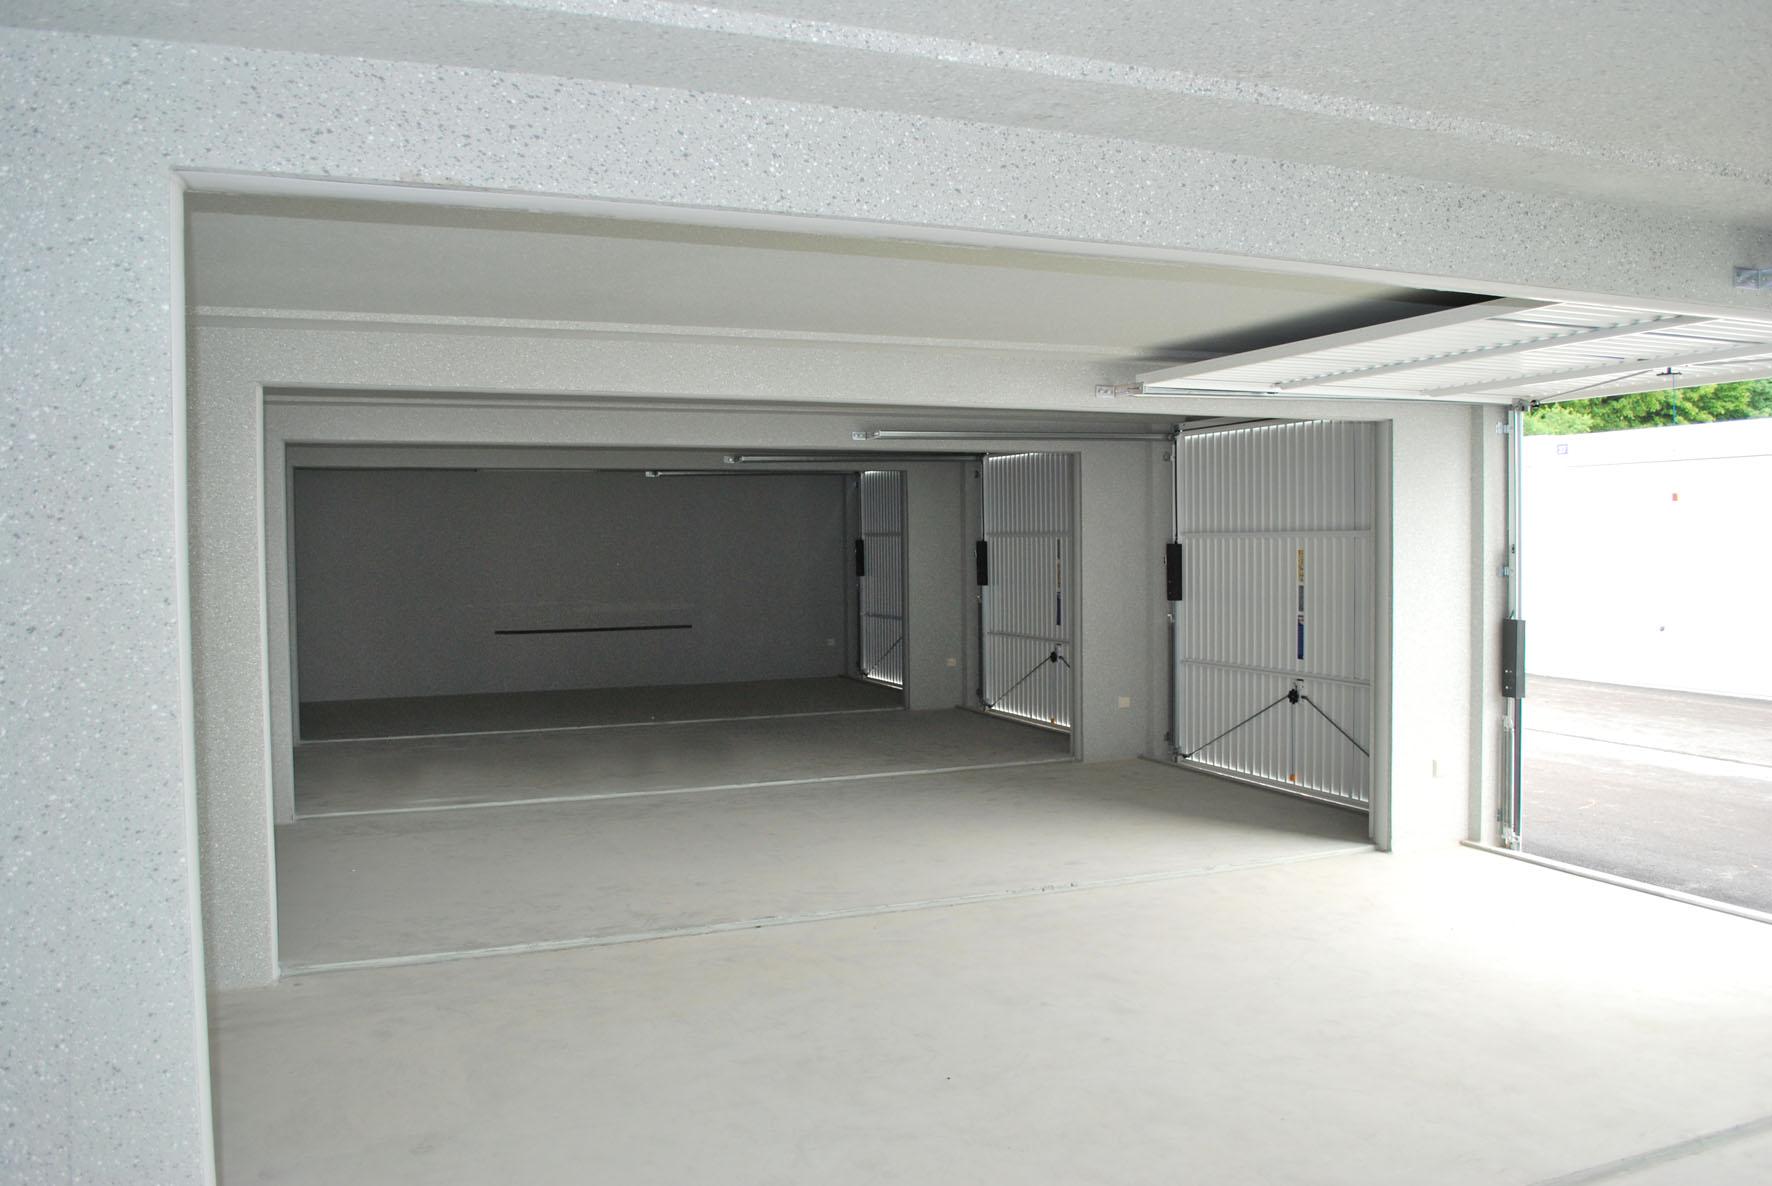 planprojekt bautr ger gmbh. Black Bedroom Furniture Sets. Home Design Ideas